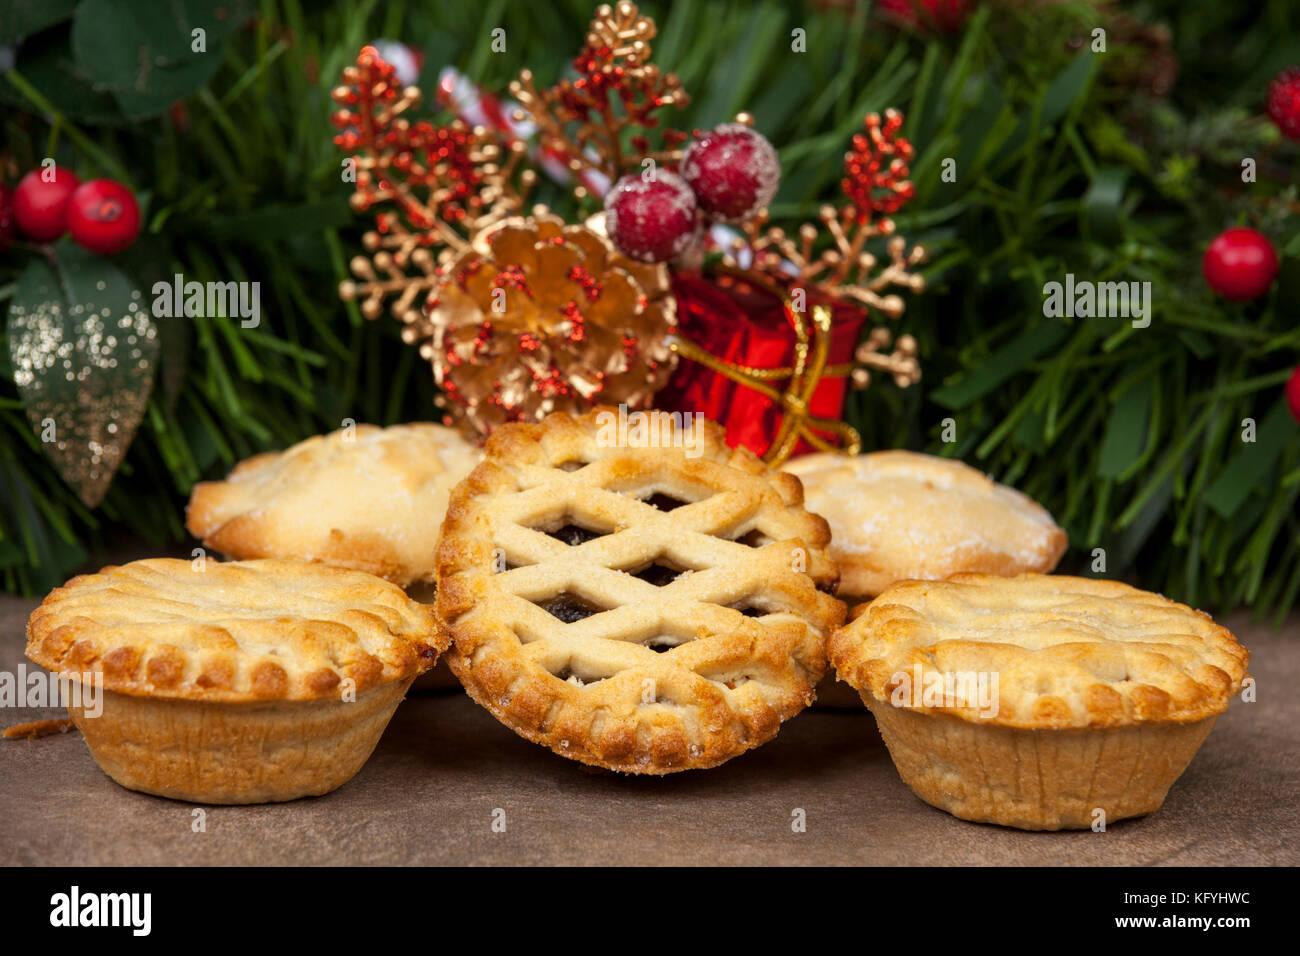 Selezione di golden brown pasticci di carne macinata con festa di Natale decorazioni in background Immagini Stock